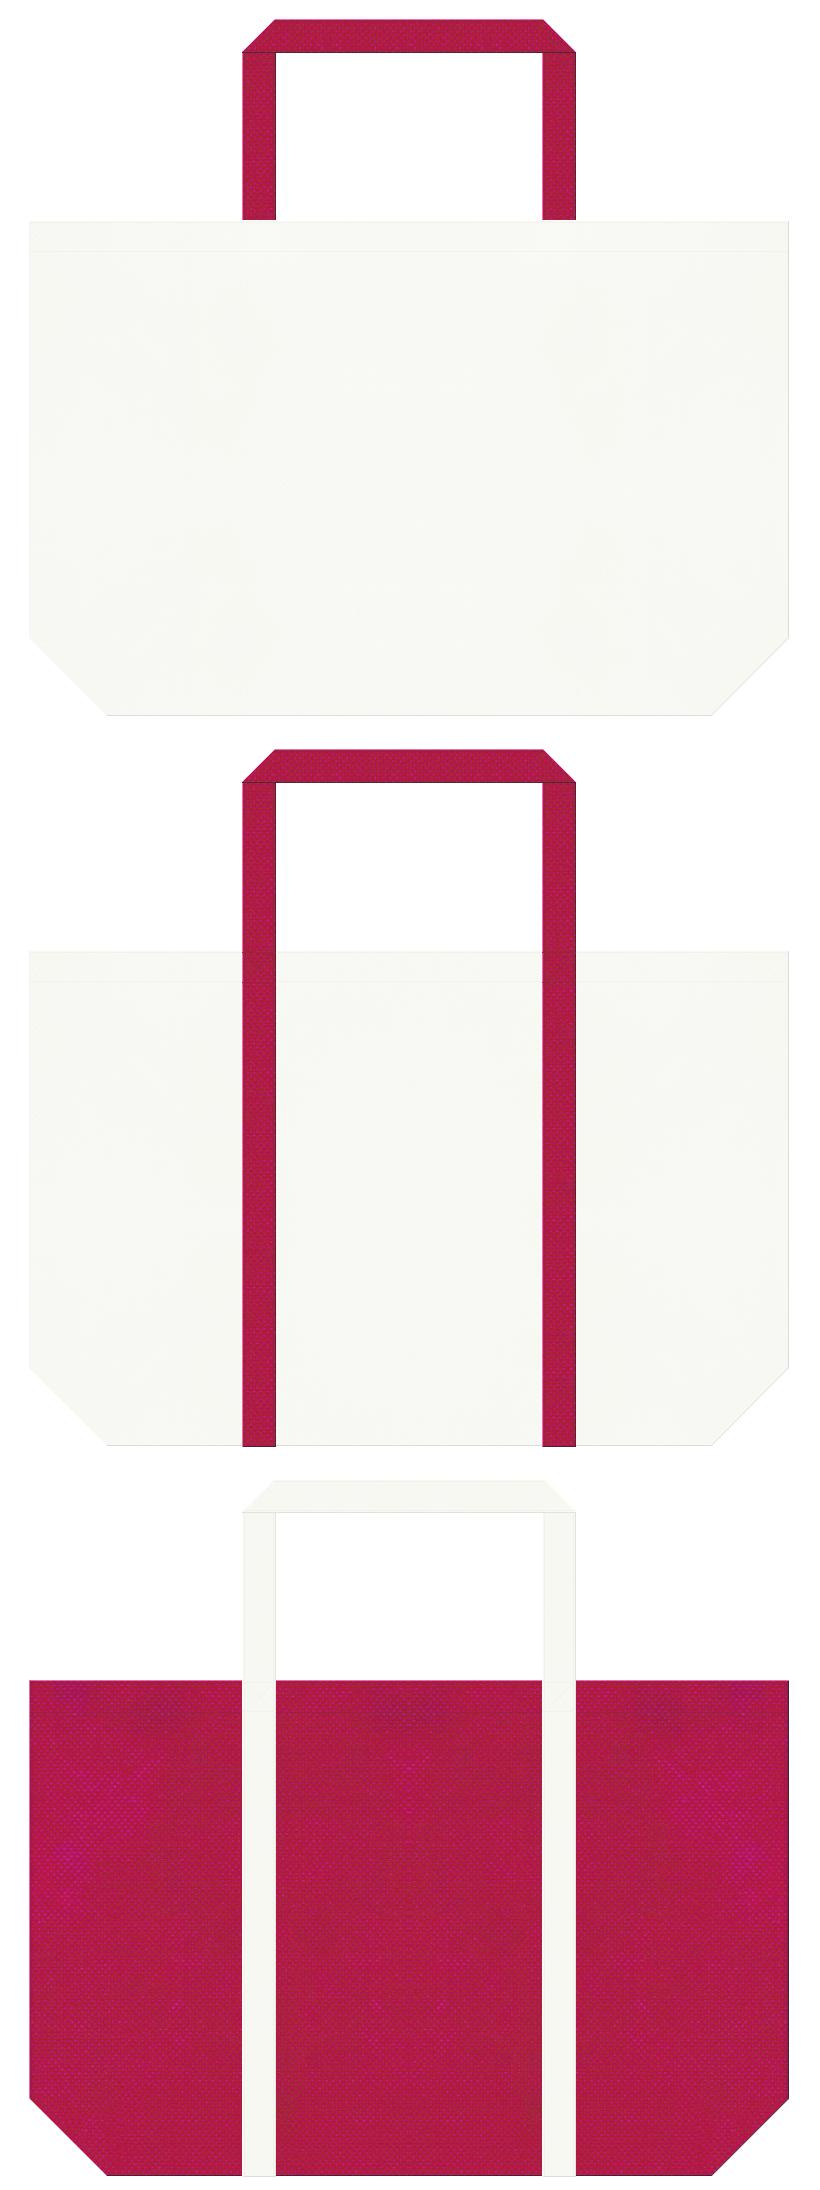 医療施設・病院・看護士研修・女子イベント・スポーツイベント・イチゴミルク・ブーケ・ウェディング・ドレス・スワン・フラミンゴ・バレエ・ガーリーデザイン・テーマパーク・遊園地・キッズイベントにお奨めの不織布バッグデザイン:オフホワイト色と濃いピンク色のコーデ